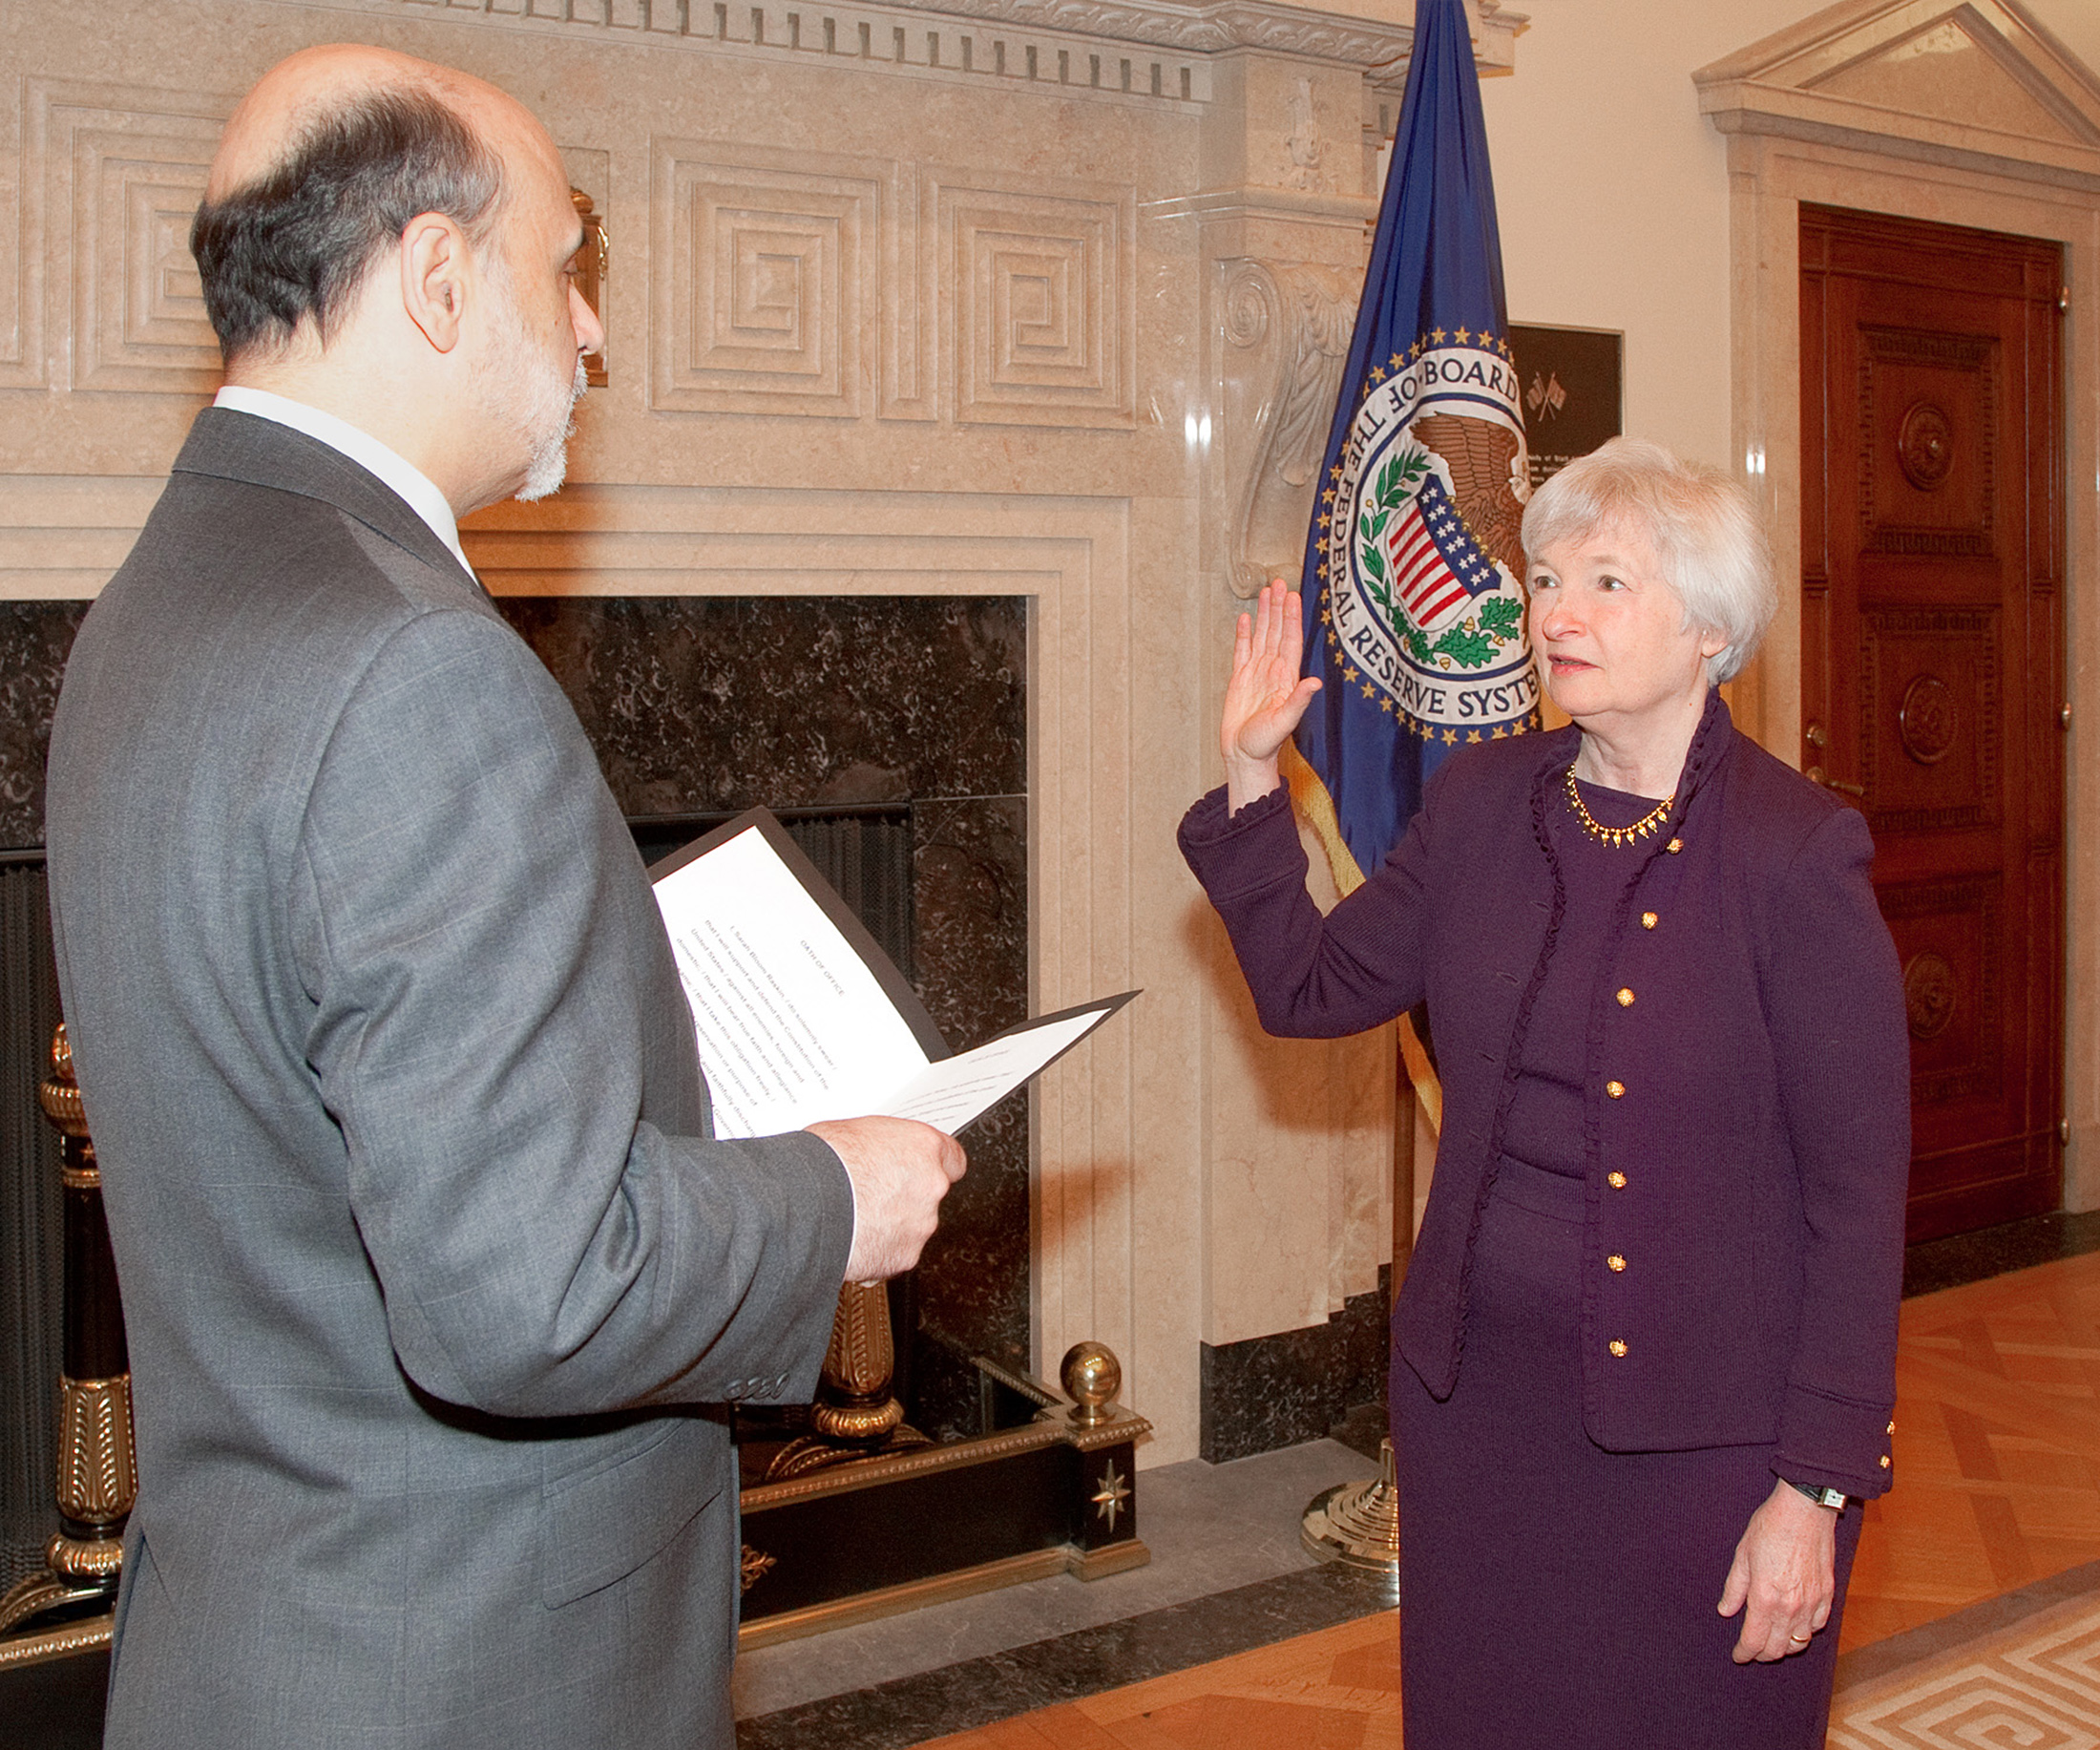 """Hier nimmt der der Jude und Vorgänger Ben Shalom Bernanke der Jüdin und Nachfolgerin im """"Amt der FED-Chefin"""" den """"Amtseid"""" ab..."""